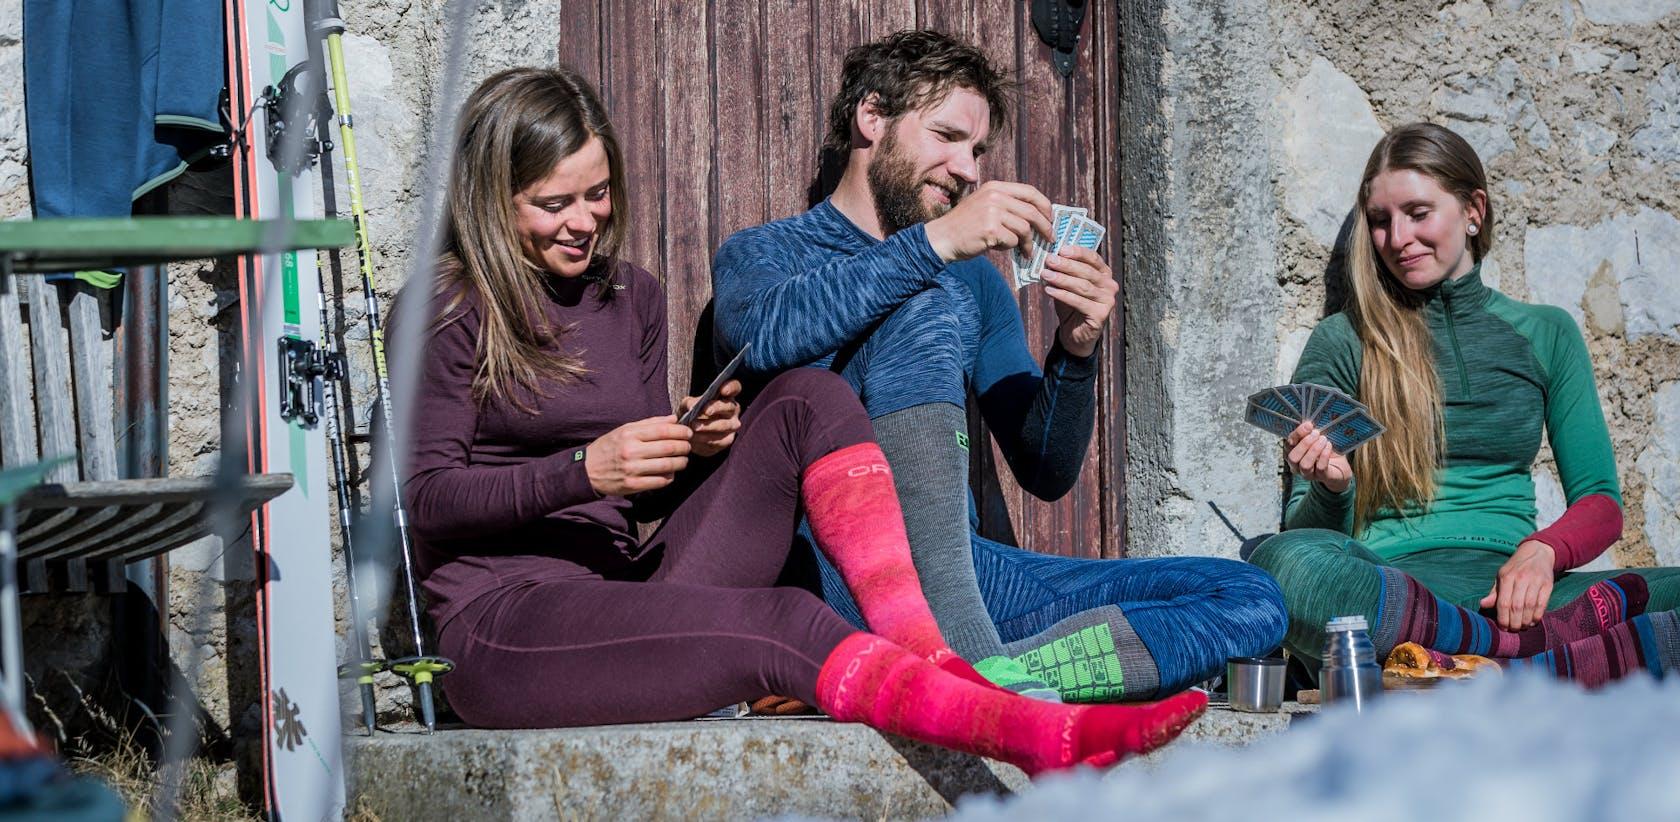 Ortovox Merino swiss wool